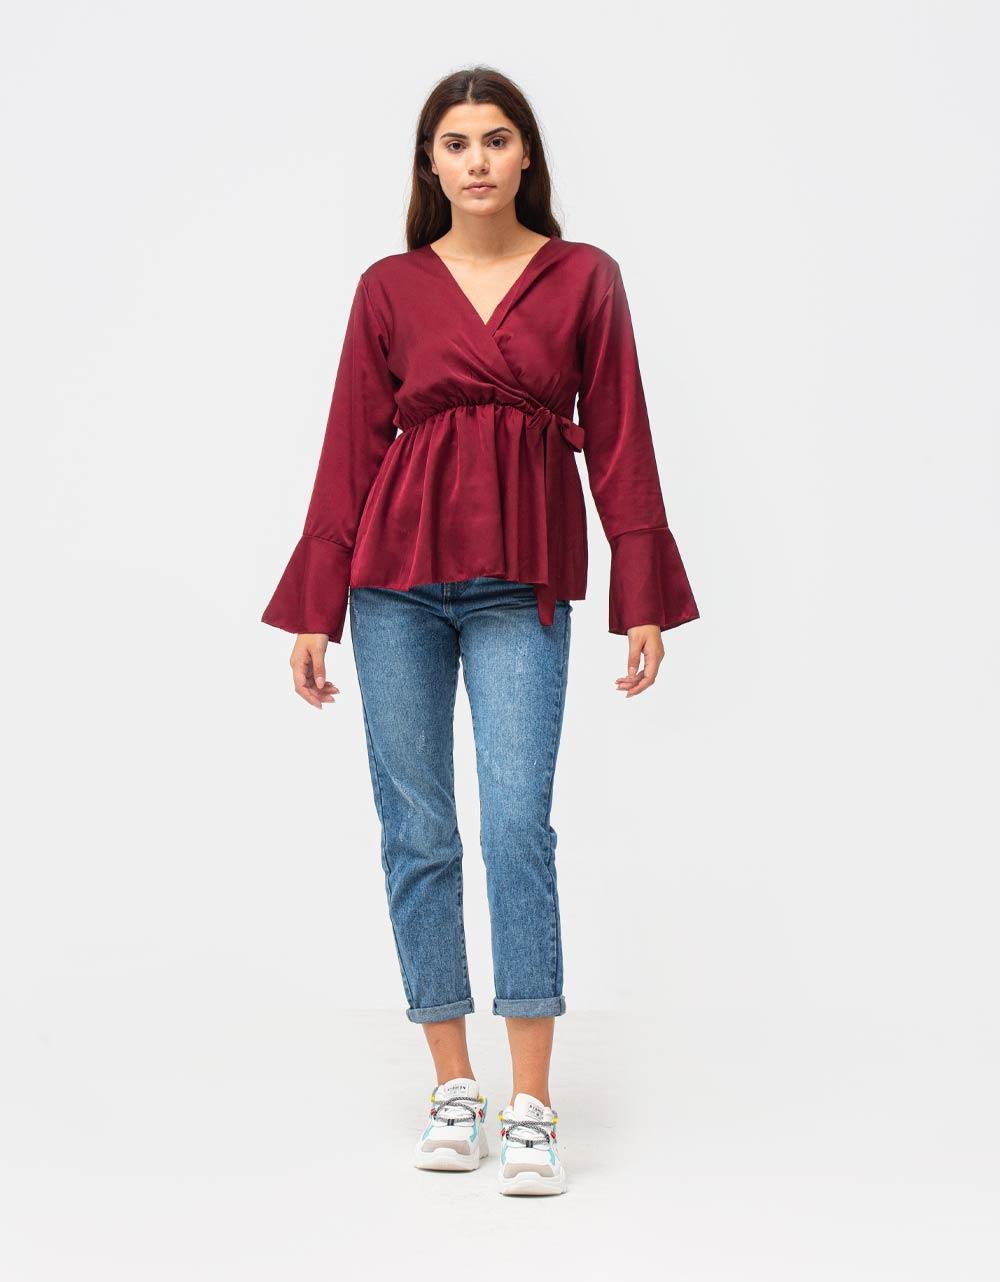 Εικόνα από Γυναικεία μπλούζα σατέν με δέσιμο Μπορντώ